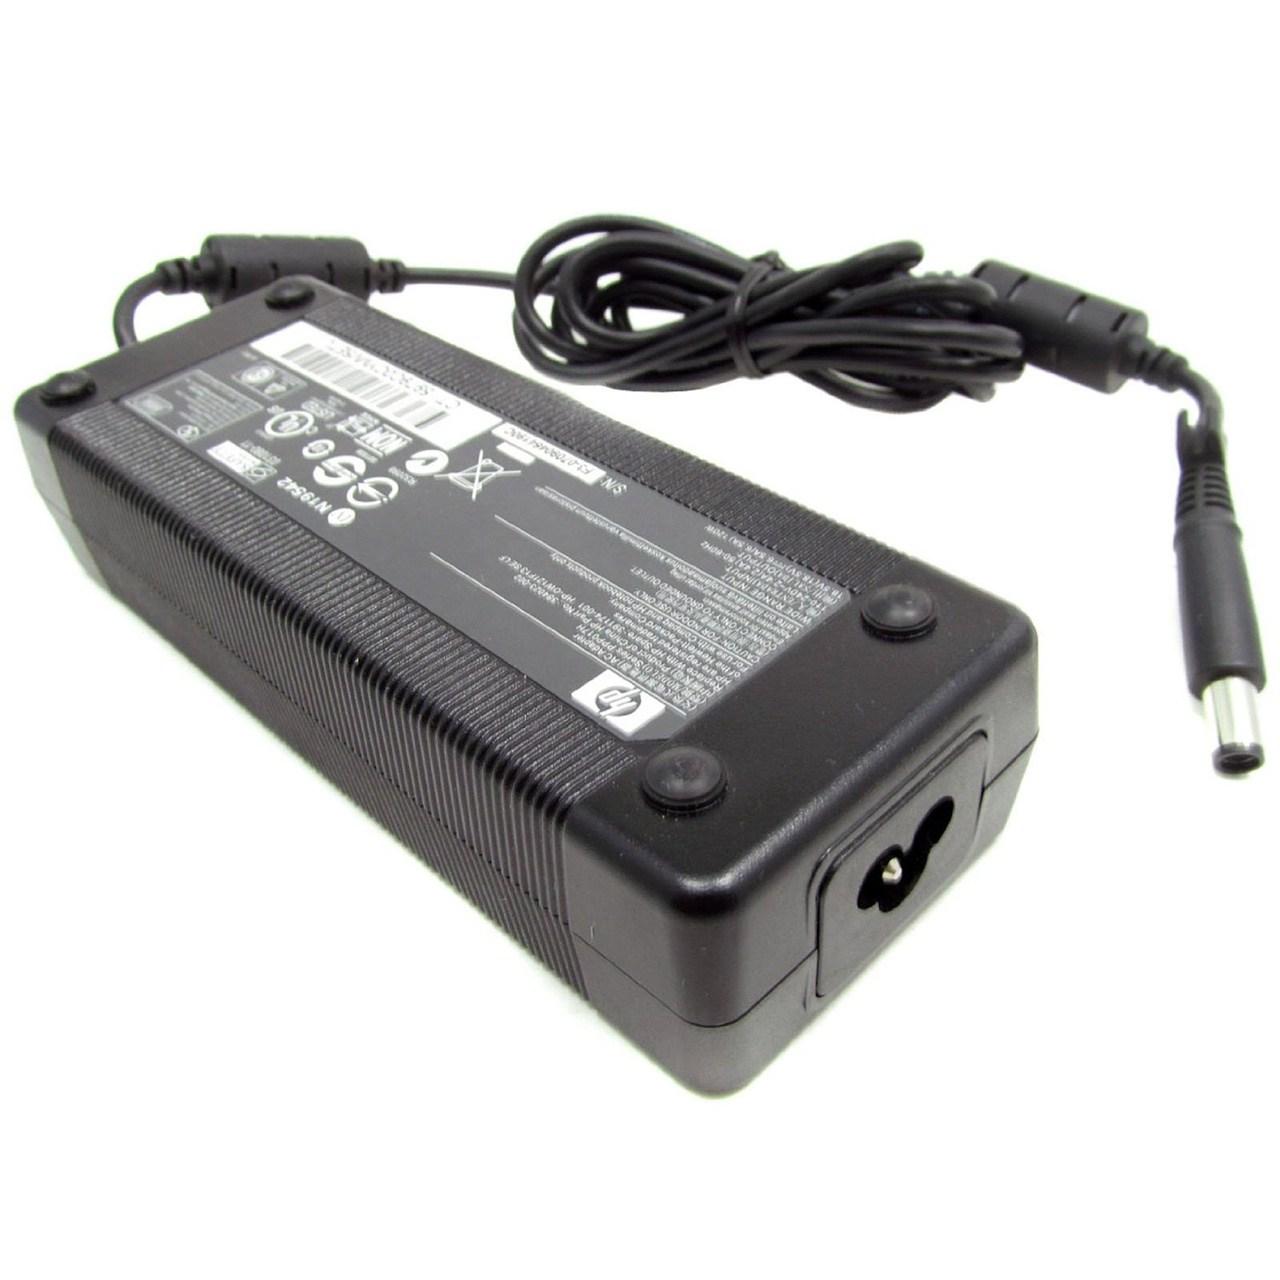 شارژر لپ تاپ 18.5 ولت 6.5 آمپر اچ پی مدل PPP016H